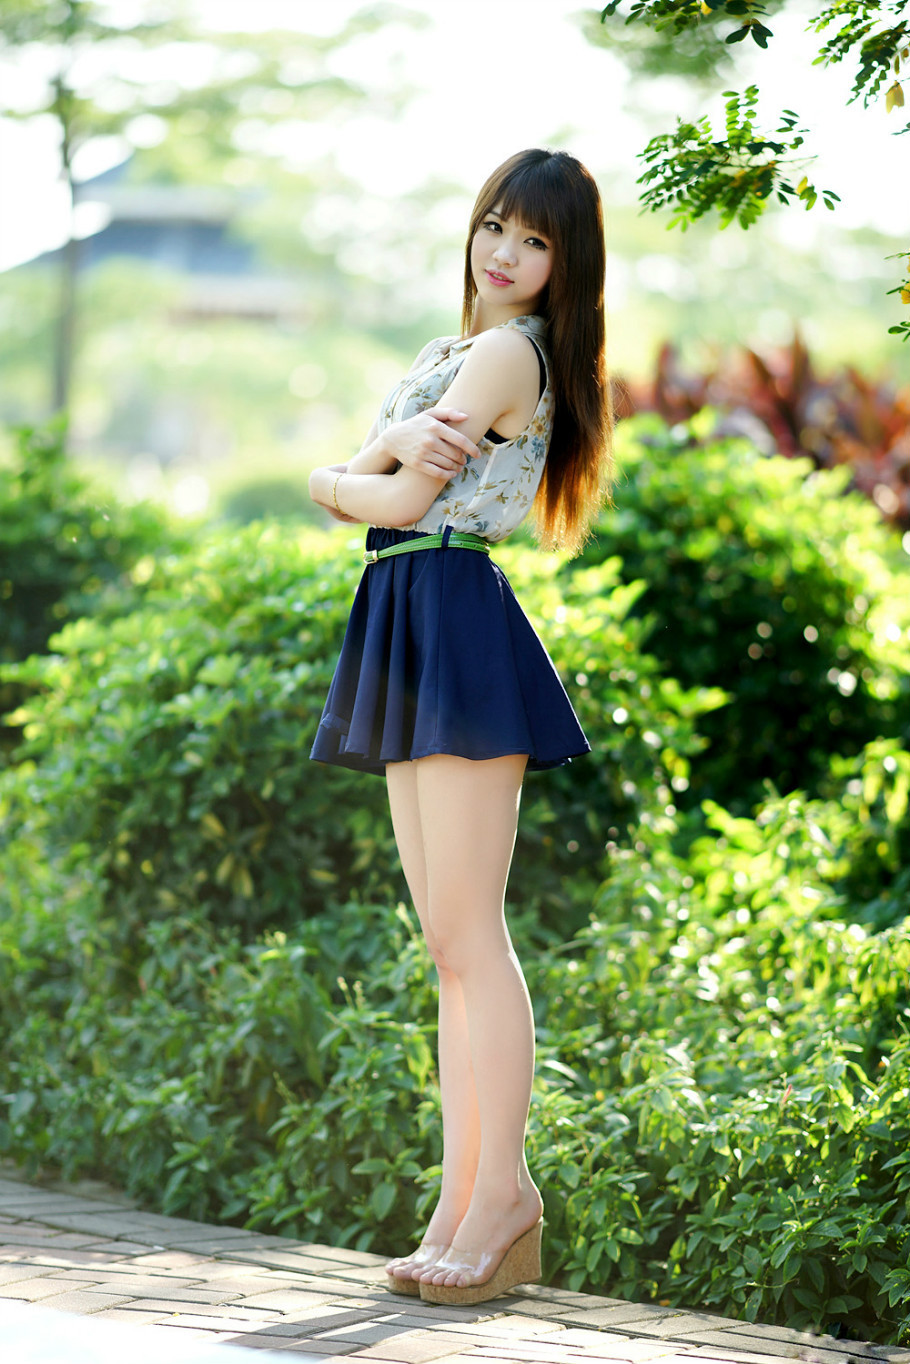 17岁清纯美女